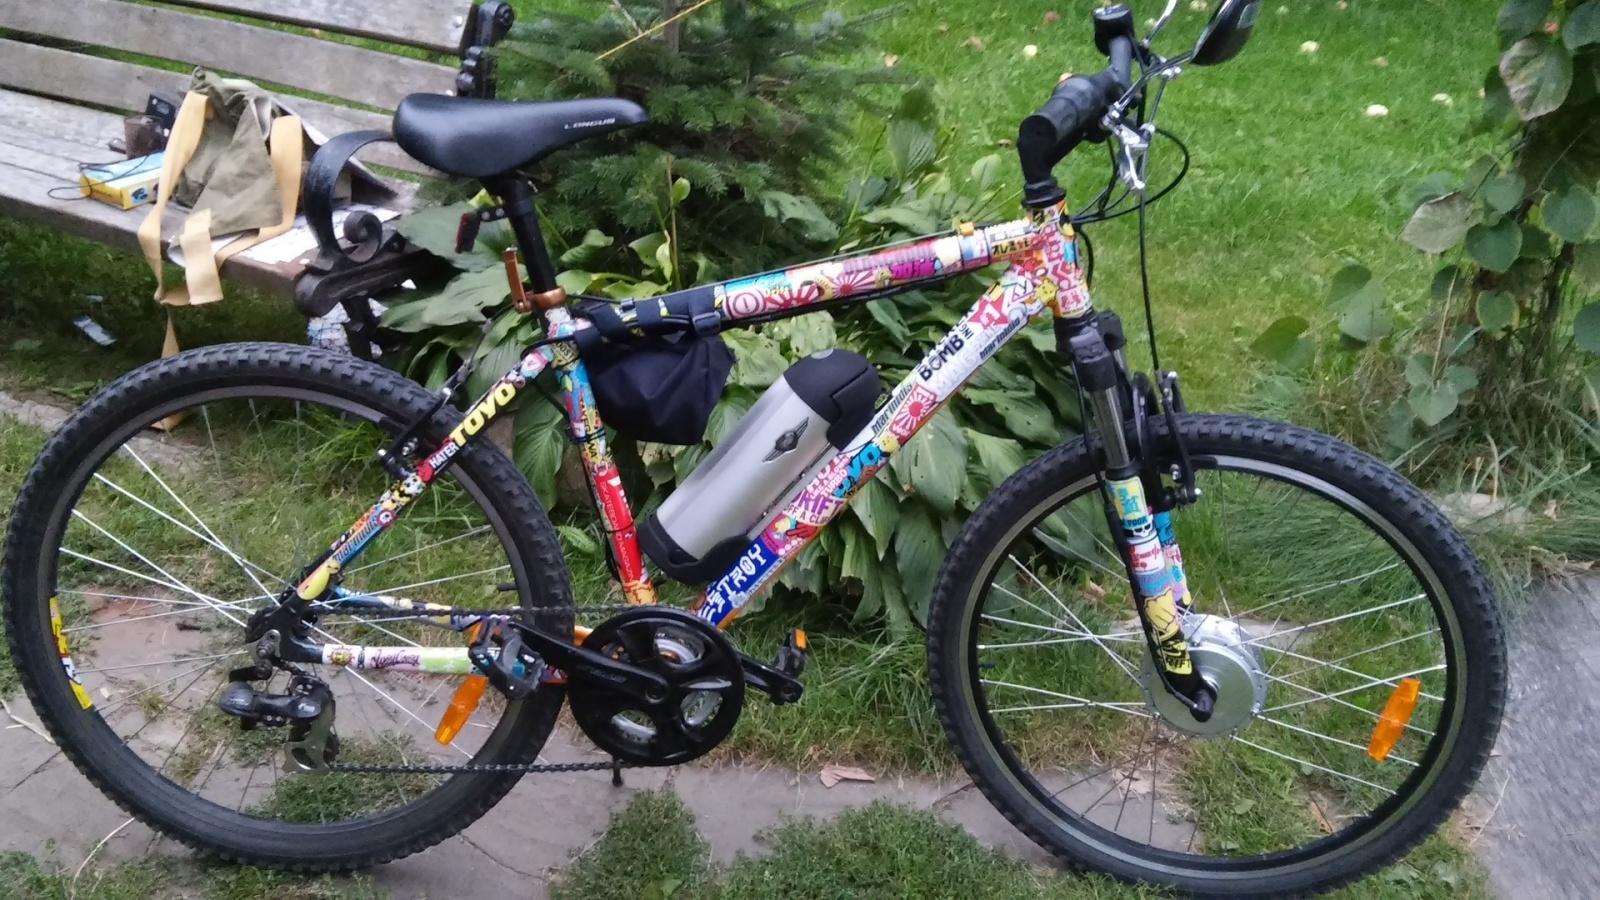 Новая жизнь бюджетного горного велосипеда, превращение в электричку - 7